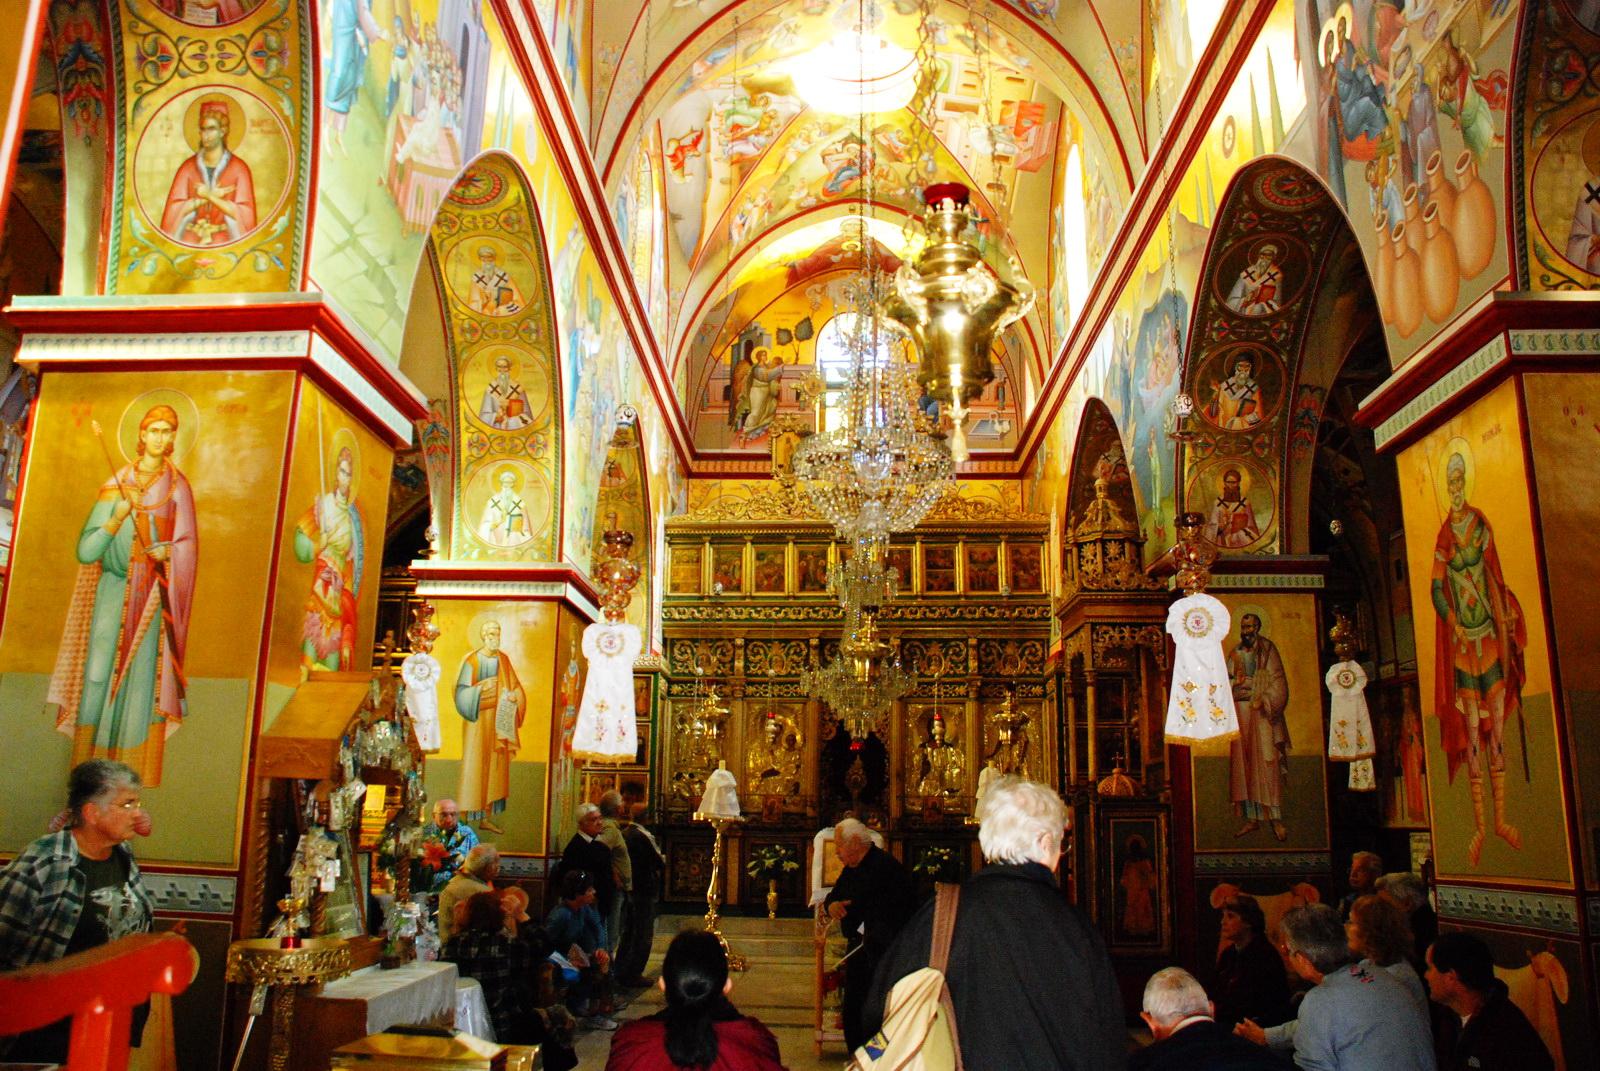 תבור - הכנסייה היוונית